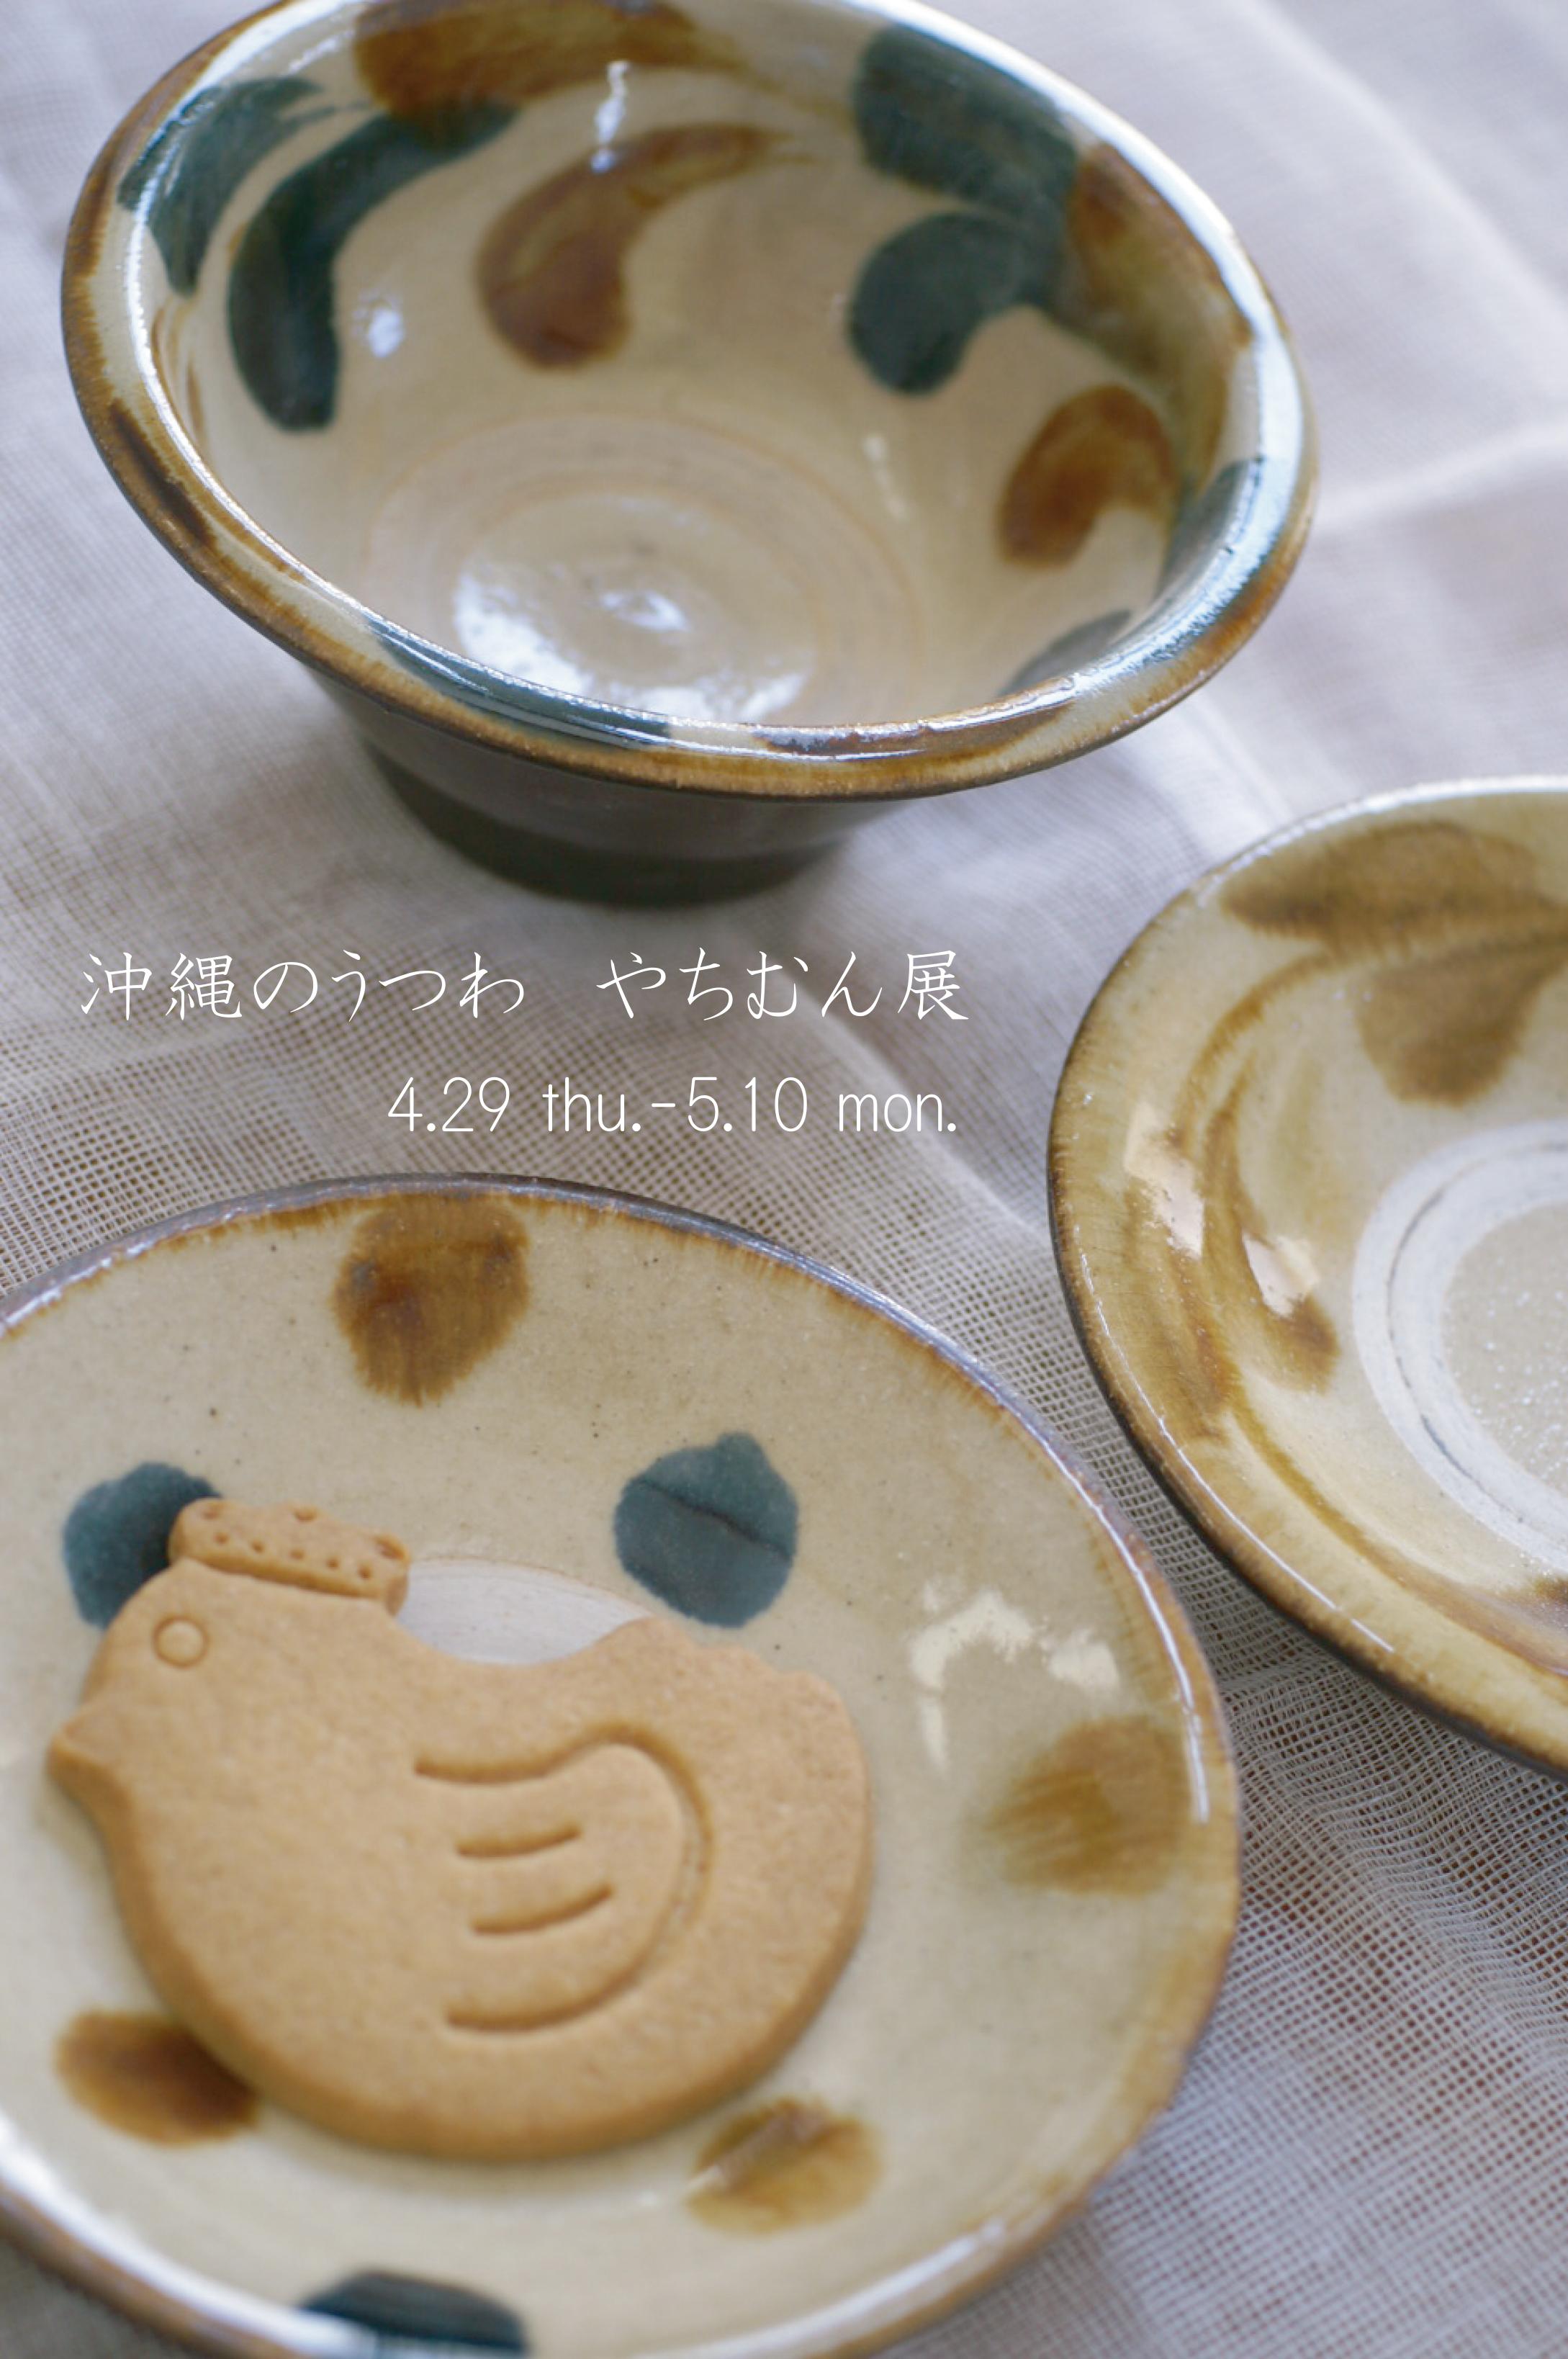 沖縄のうつわ やちむん 展 2010.4.29~